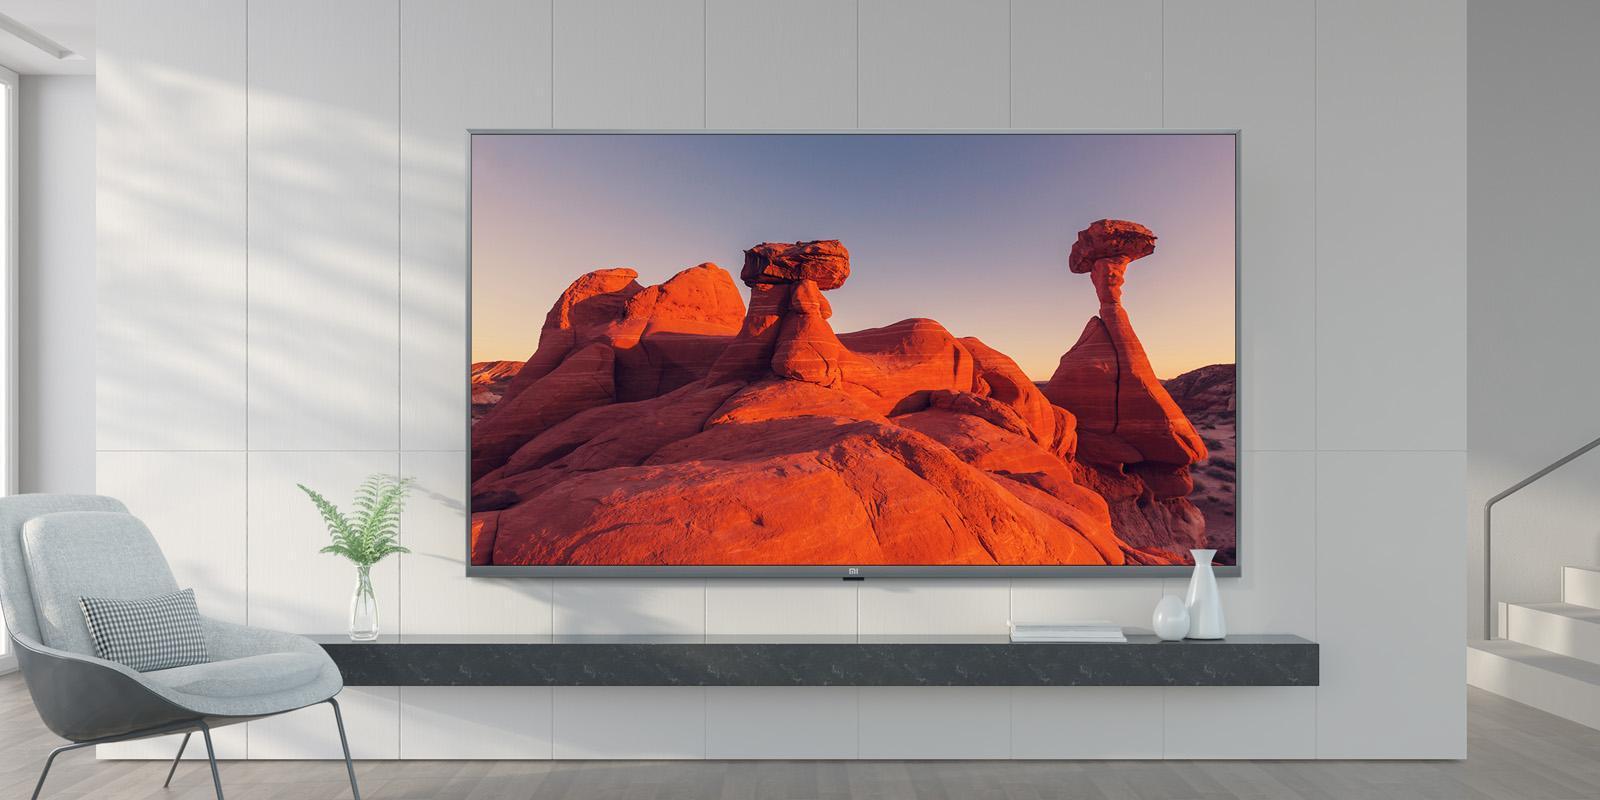 Xiaomi может  выпустить свой первый телевизор с поддержкой Dolby Vision